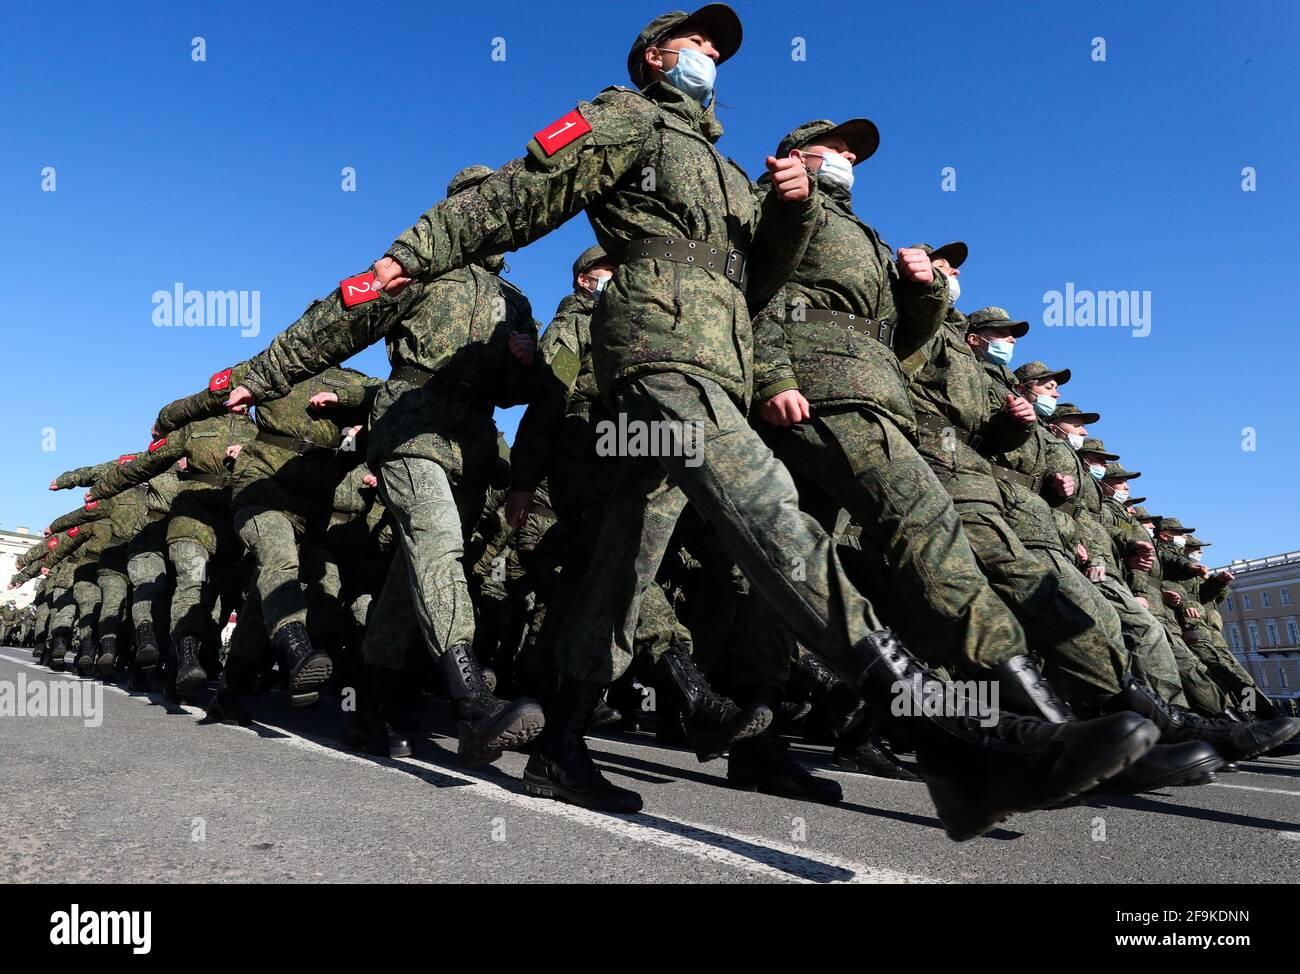 San Petersburgo, Rusia. 19th de Abr de 2021. Los militares marchan en formación durante un ensayo para un desfile militar del Día de la Victoria que conmemora el 76th aniversario de la victoria sobre la Alemania nazi en la Segunda Guerra Mundial, en la Plaza del Palacio. Crédito: Peter Kovalev/TASS/Alamy Live News Foto de stock